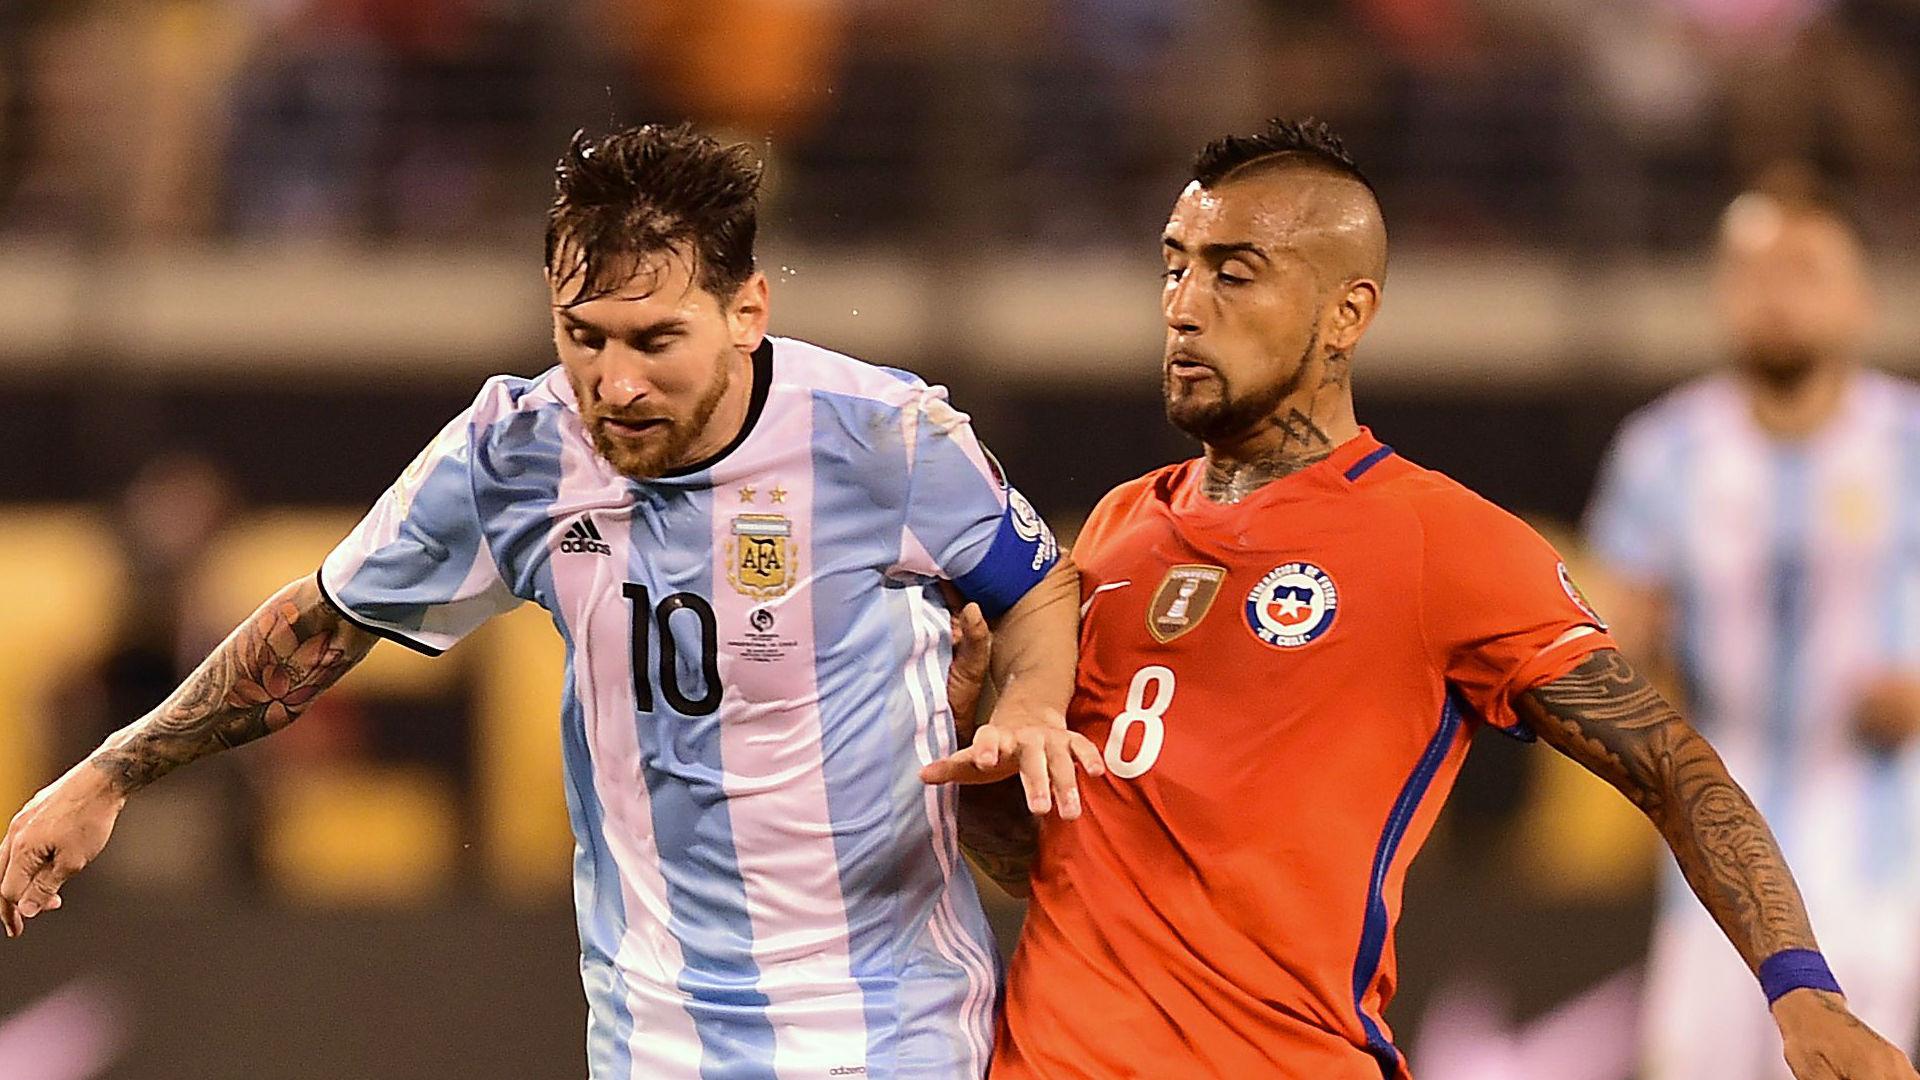 Jogador do Atlético é convocado pelo Chile e vai enfrentar o Brasil